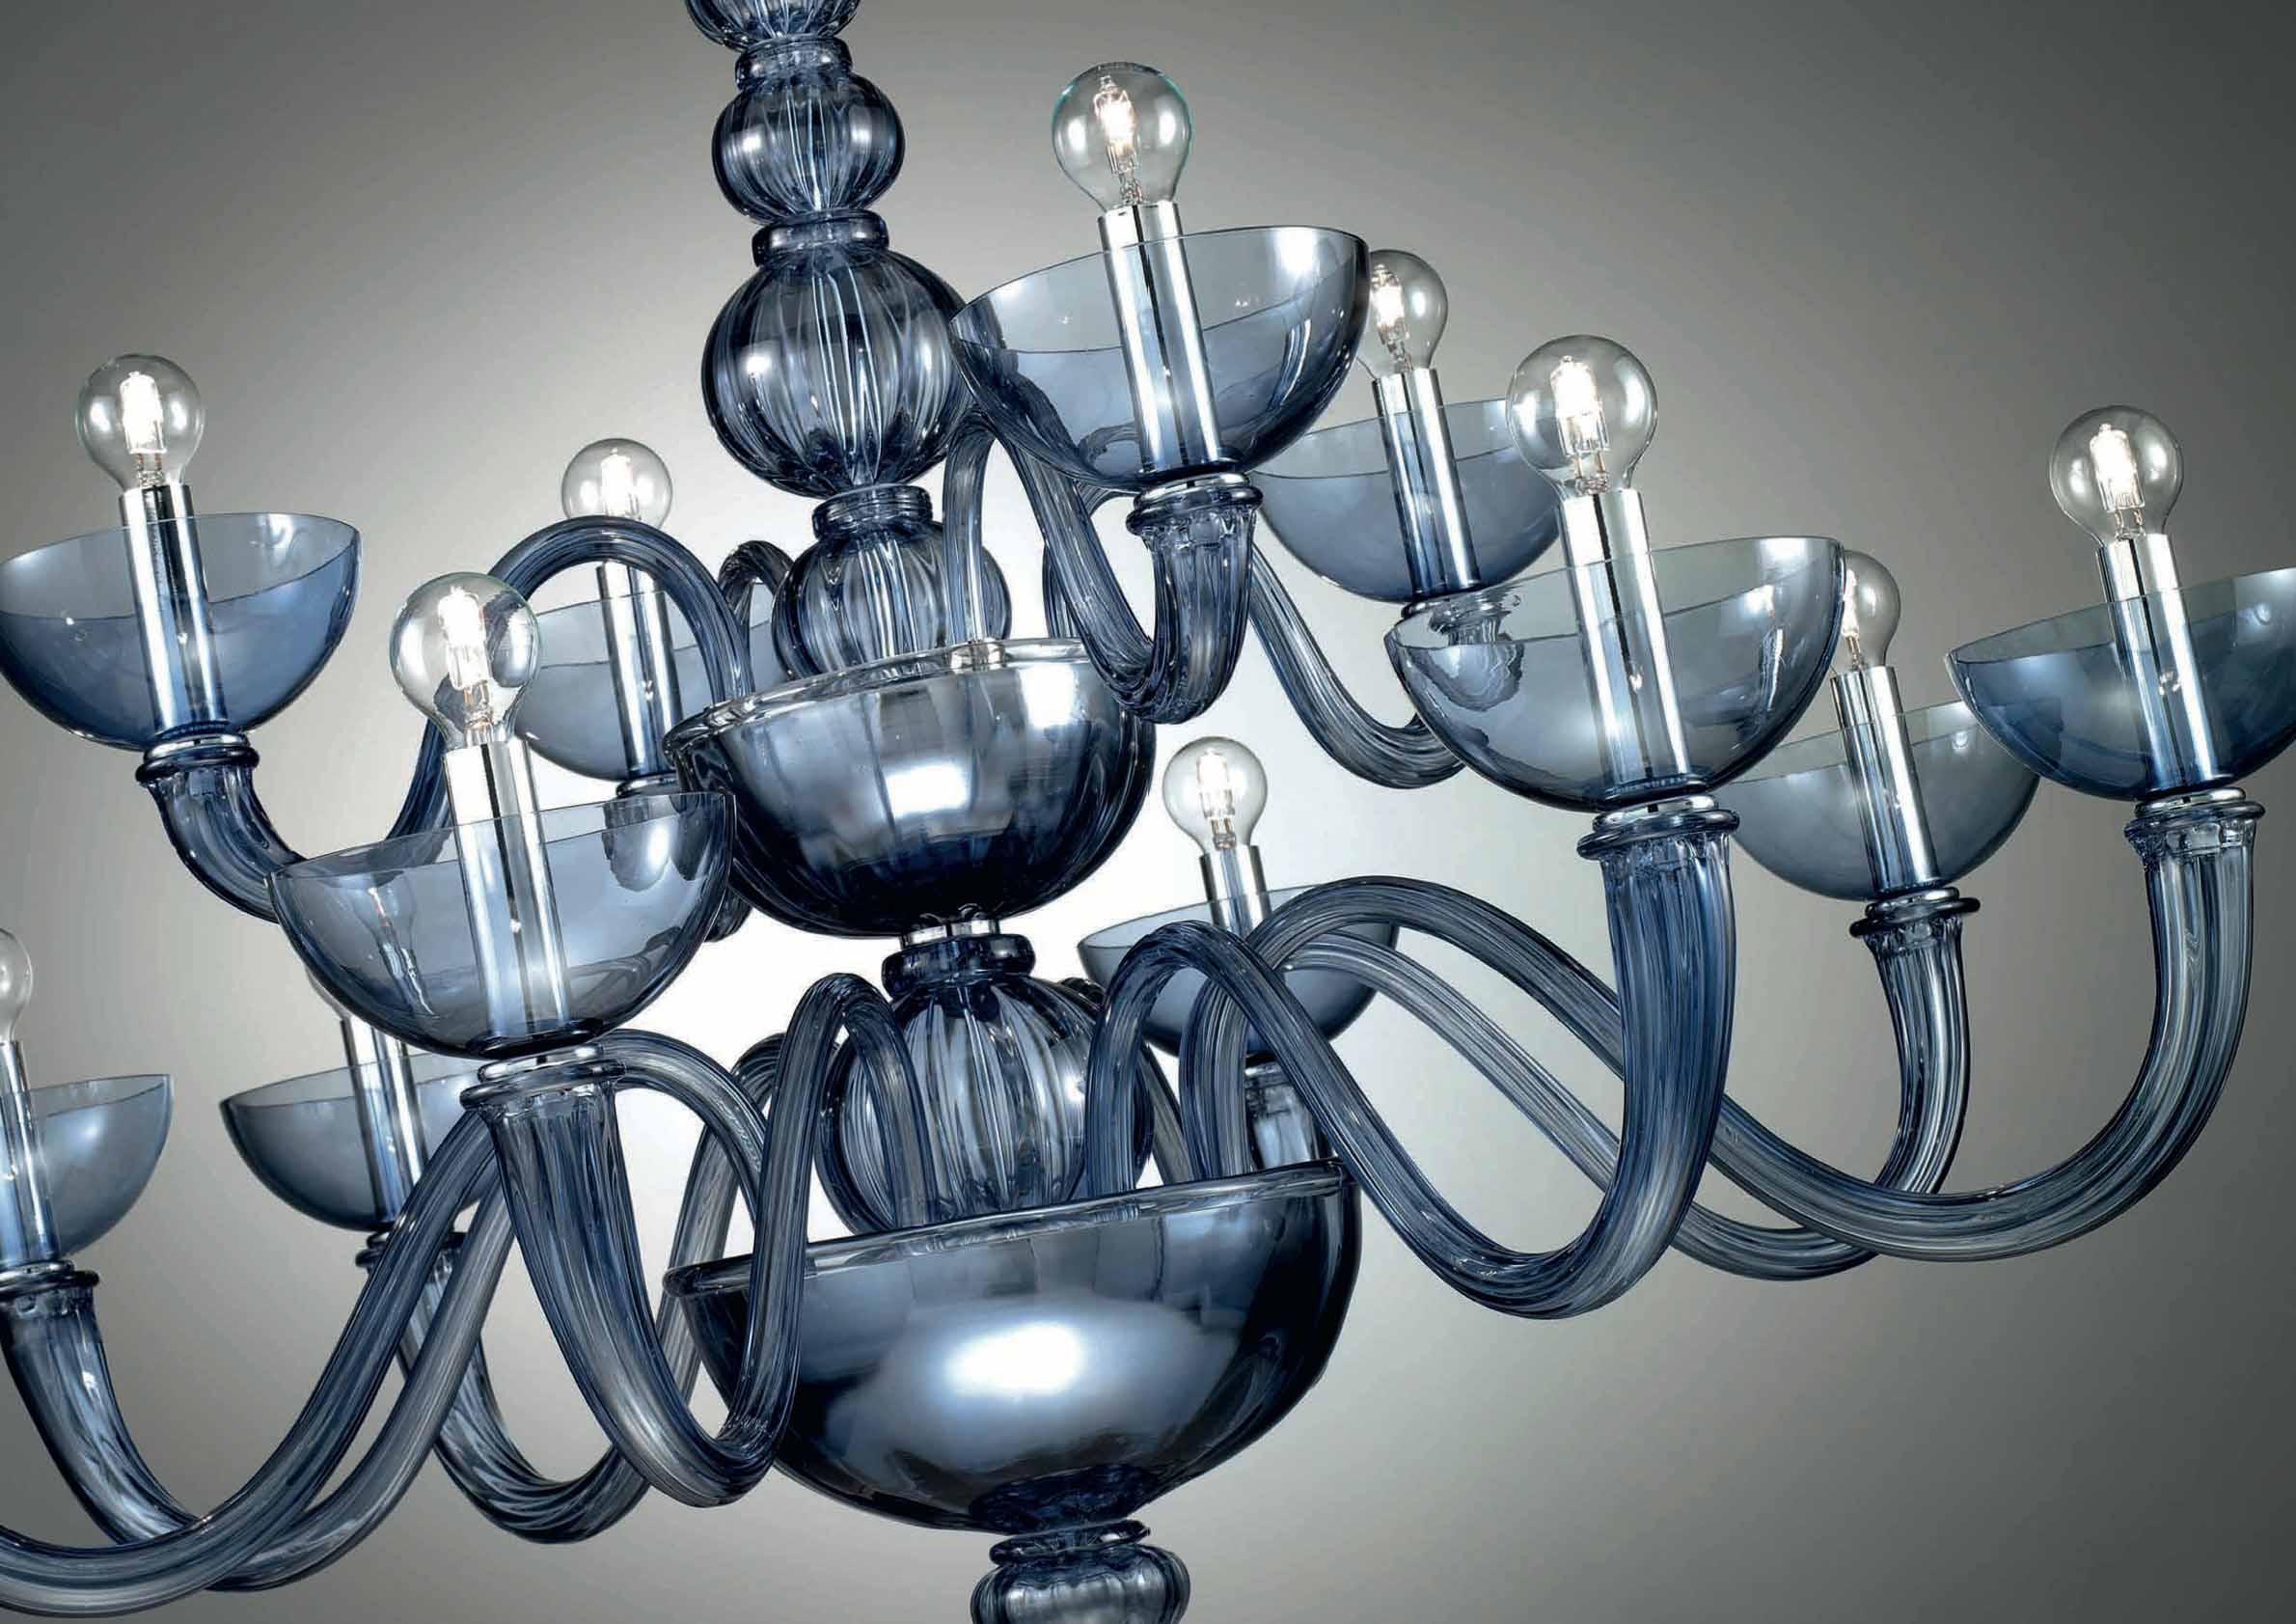 Lampadari murano archives uhlfel limitato lampadari murano